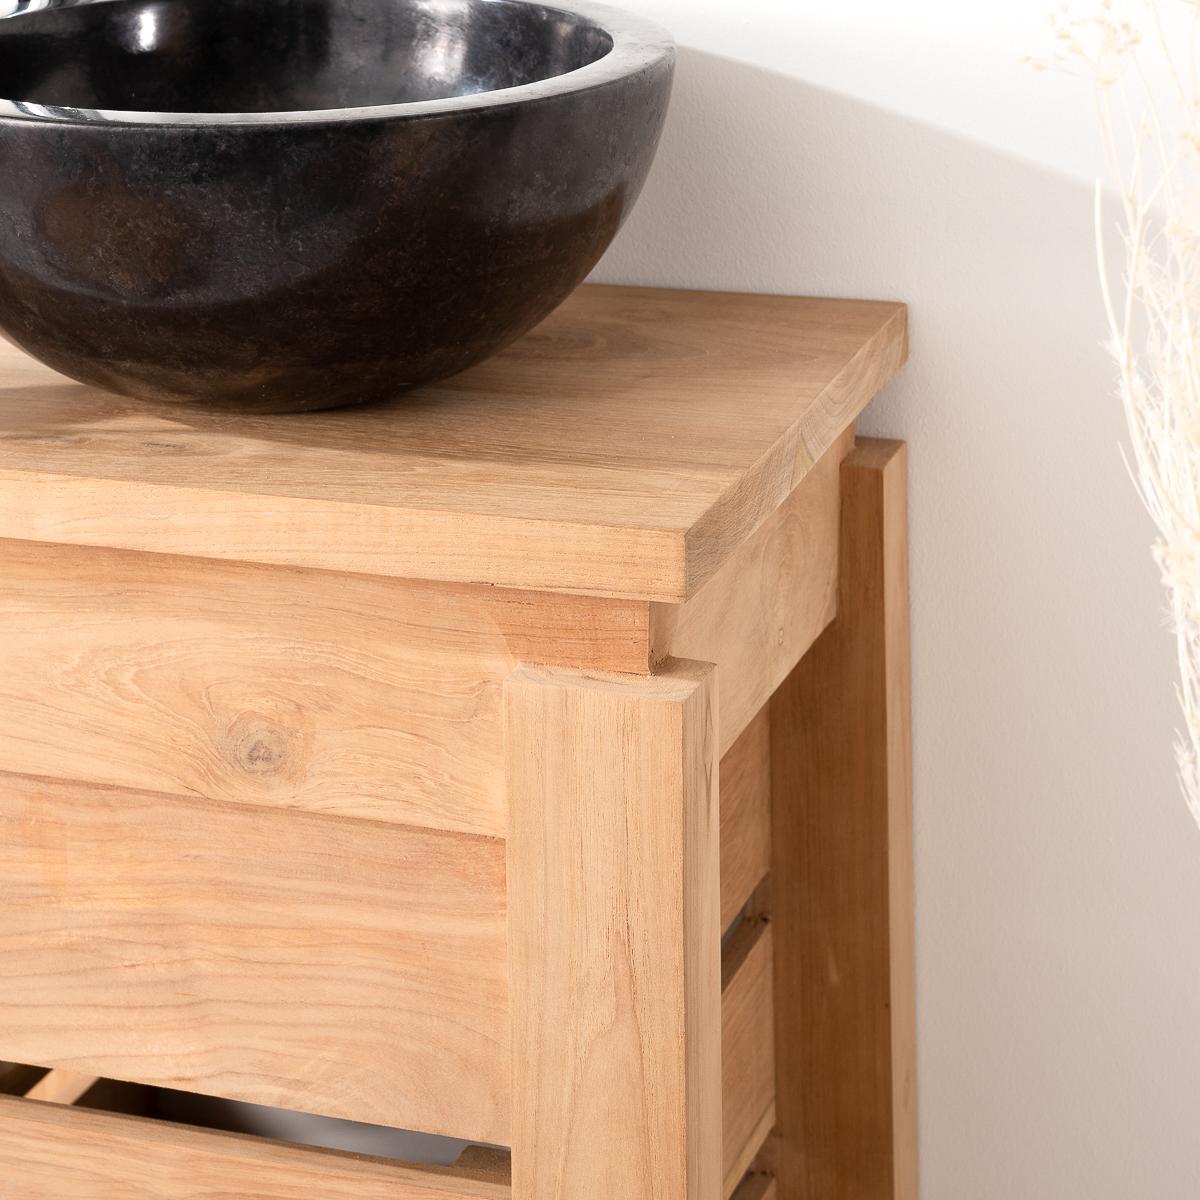 meuble sous vasque simple vasque en bois teck massif zen rectangle naturel l 40 cm. Black Bedroom Furniture Sets. Home Design Ideas